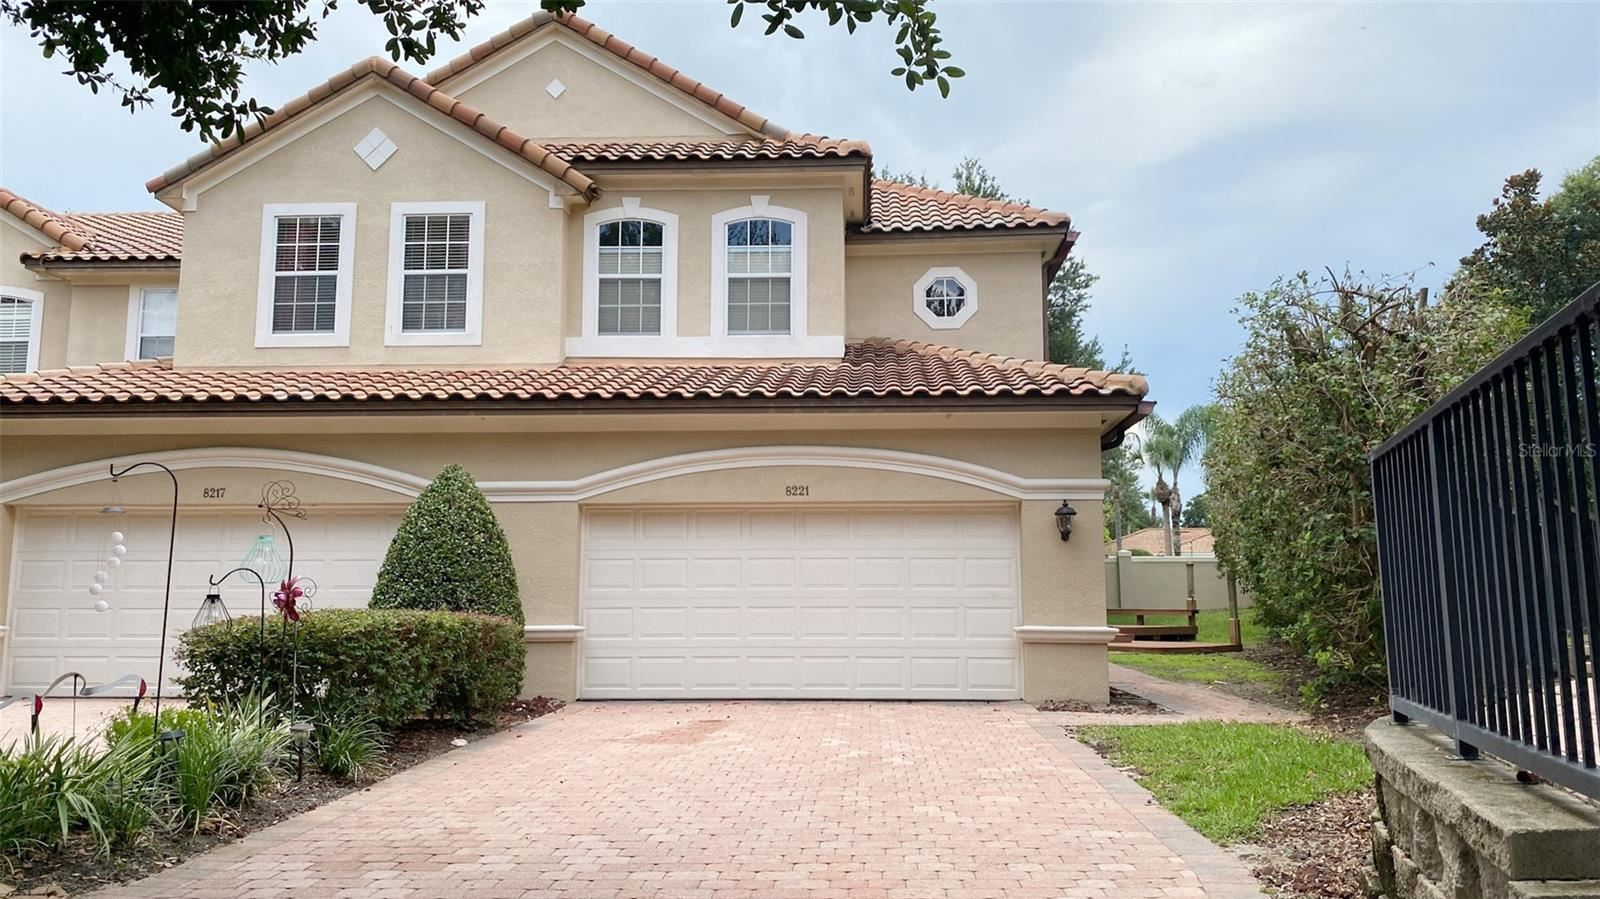 8221 TIVOLI DRIVE, Orlando, FL 32836 - #: S5054331